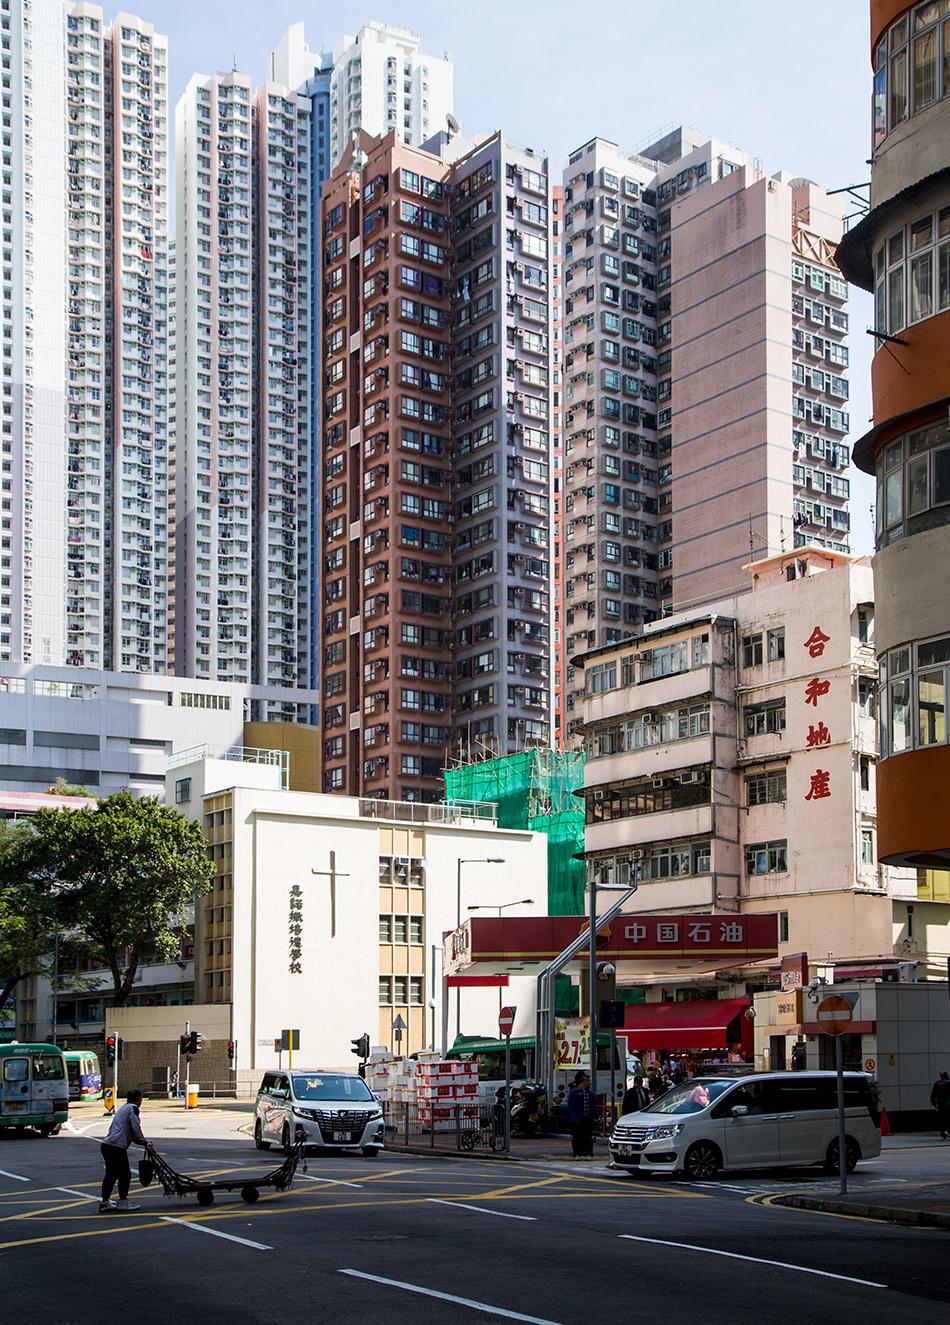 Fabian Fröhlich, Hongkong Island, Aberdeen